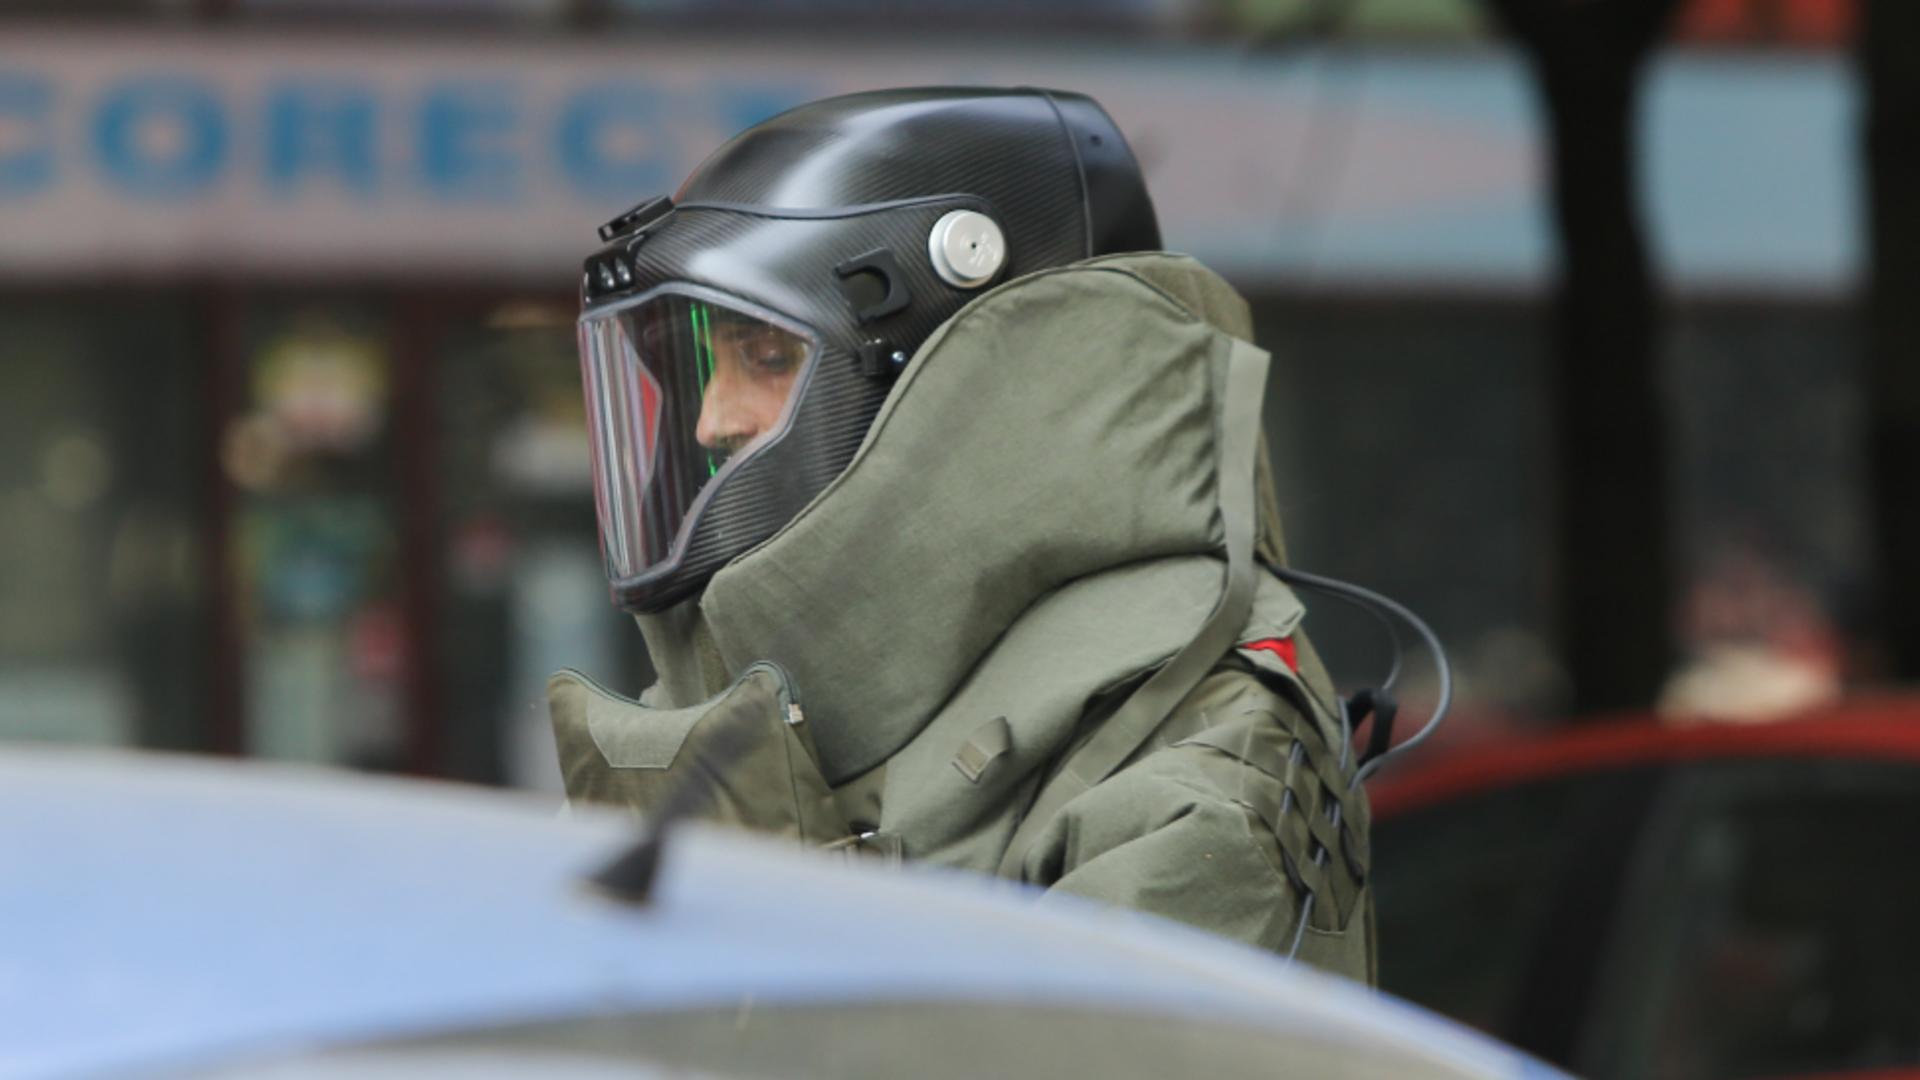 Trupele speciale ale SRI au intervenit pe o stradă din apropierea Guvernului / Foto: Inquam Photos